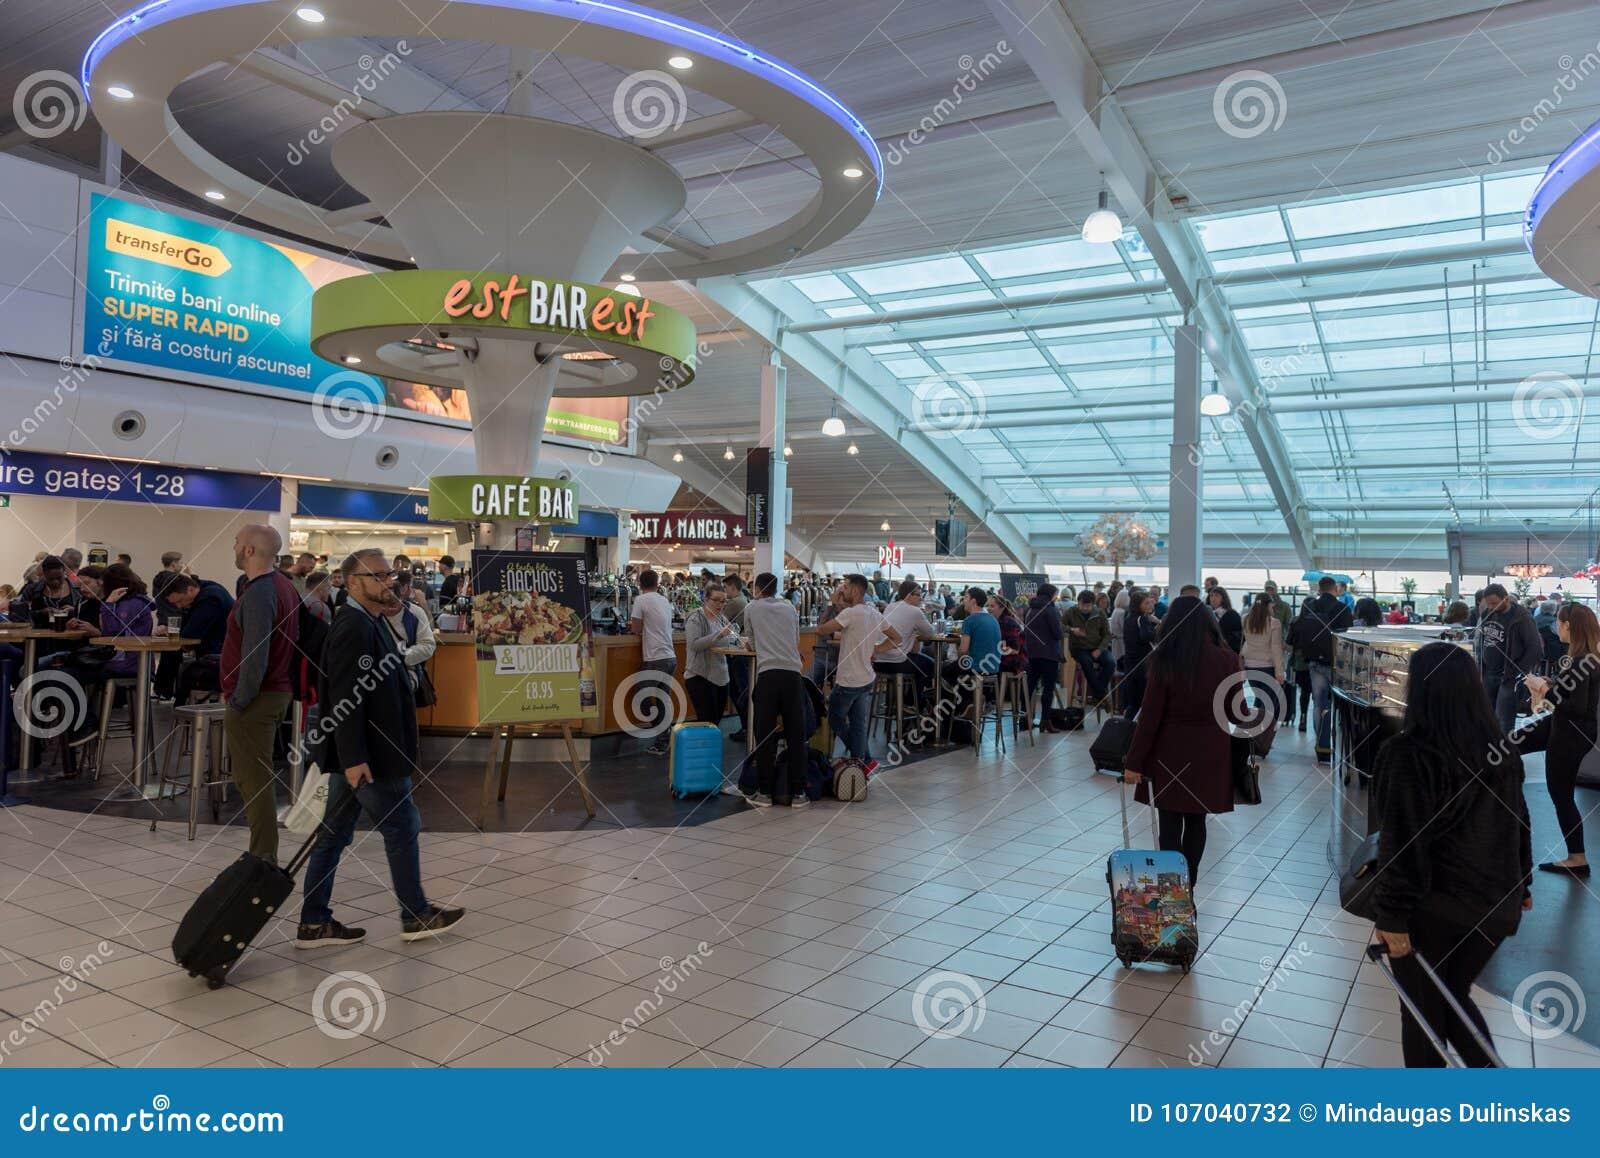 ΛΟΝΔΙΝΟ, ΑΓΓΛΙΑ - 29 ΣΕΠΤΕΜΒΡΊΟΥ 2017: Η περιοχή αναχώρησης ελέγχου αερολιμένων της Luton με ψωνίζει duty free Λονδίνο, Αγγλία, Η